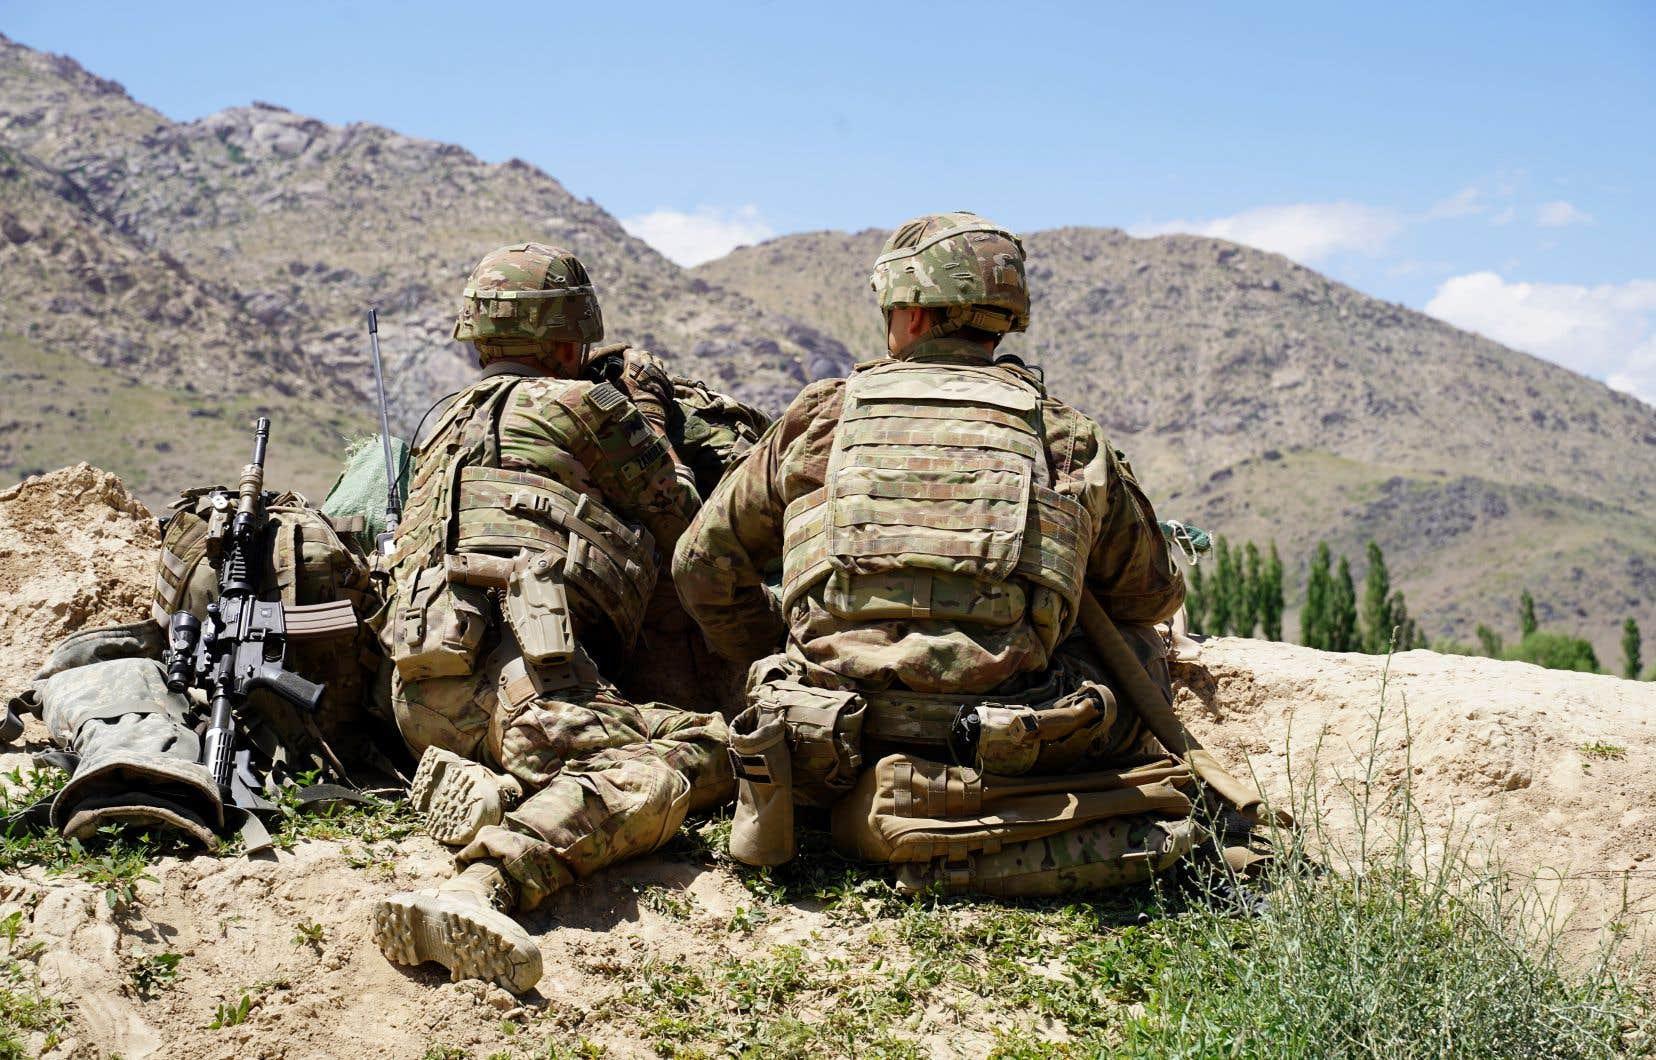 Un doute subsiste toutefois quant à la sincérité des rebelles d'arrêter la violence, une fois les soldats américains partis.